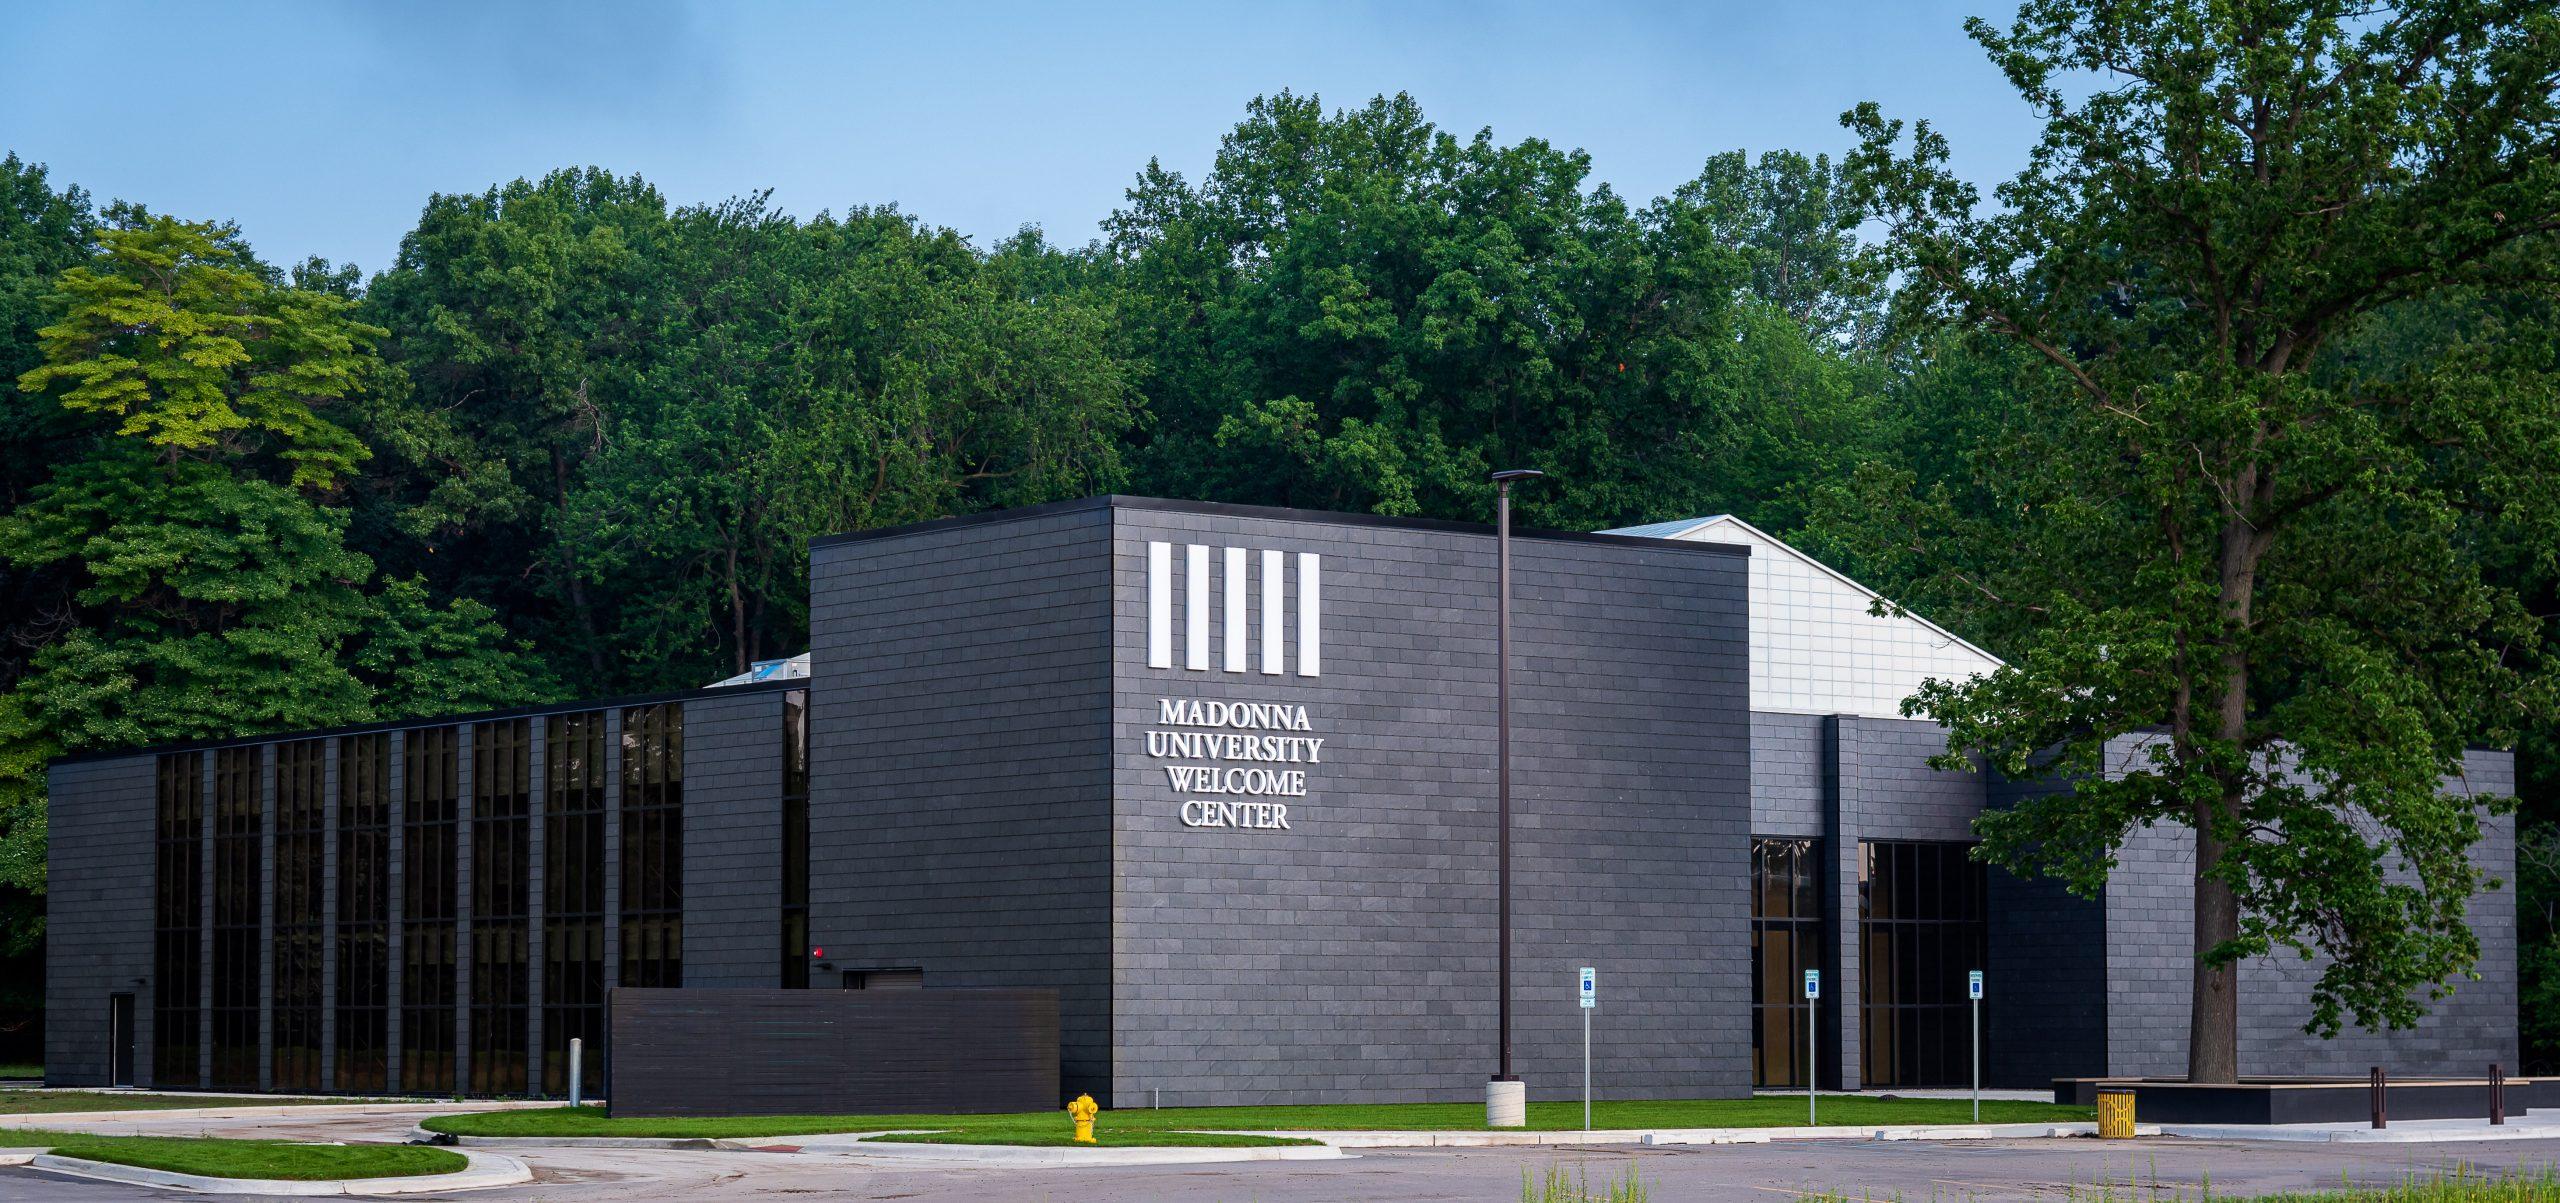 Exterior of Madonna Welcome Center